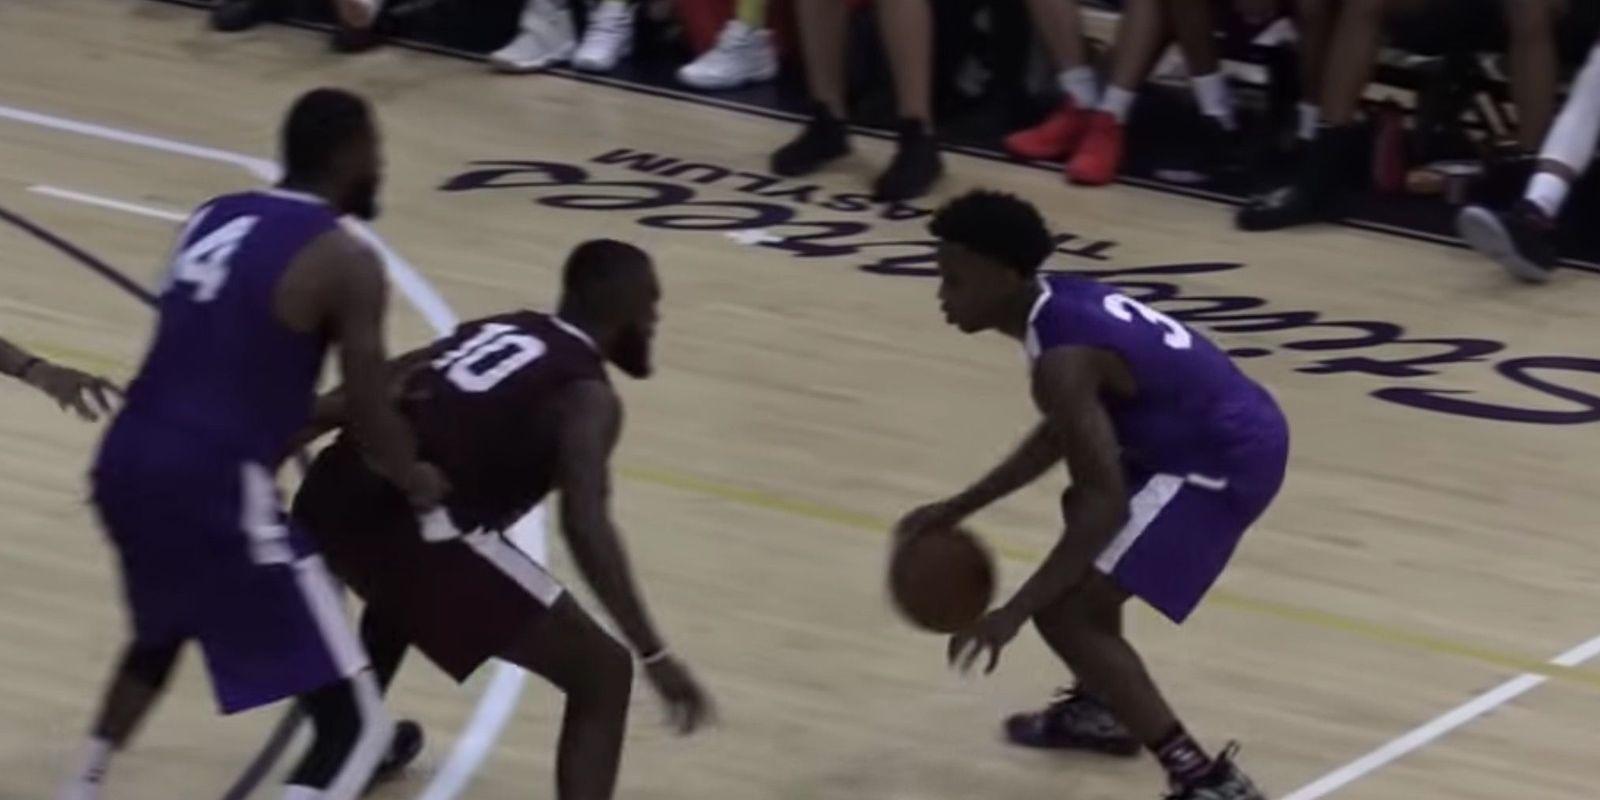 Le fils de Dwyane Wade fait un carnage contre des joueurs NBA